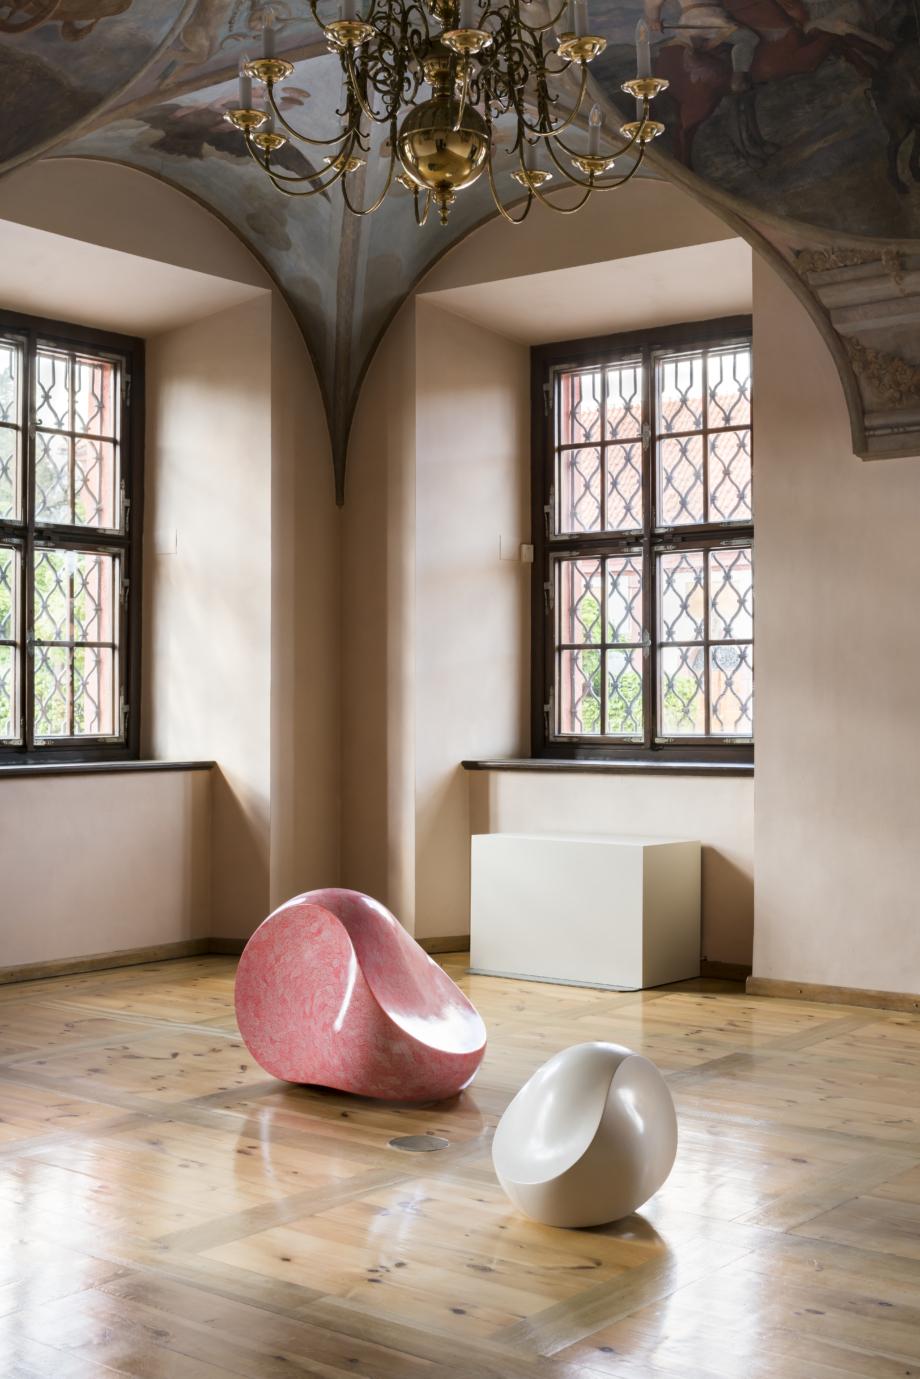 pohled do výstavy Jan Kovářík: Colorbond, Zámek Troja, 2020. Foto Studio Flusser – Zdeněk Porcal